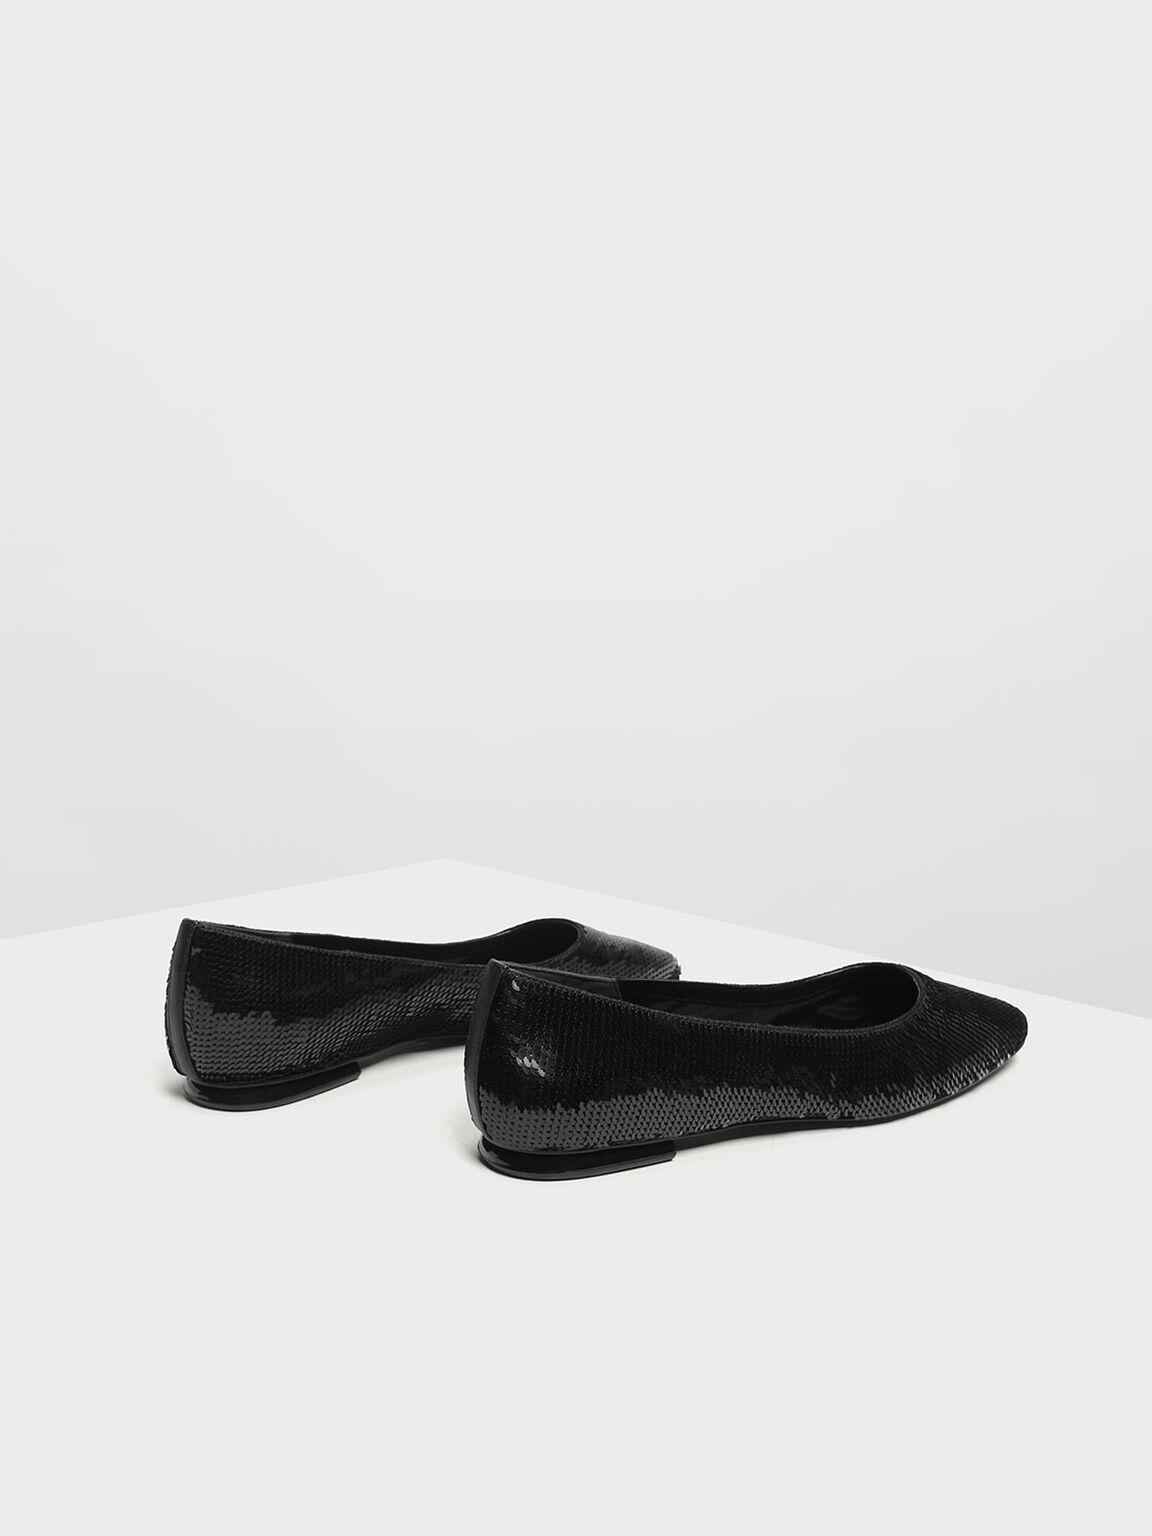 Sequin Mesh Ballerina Flats, Black, hi-res